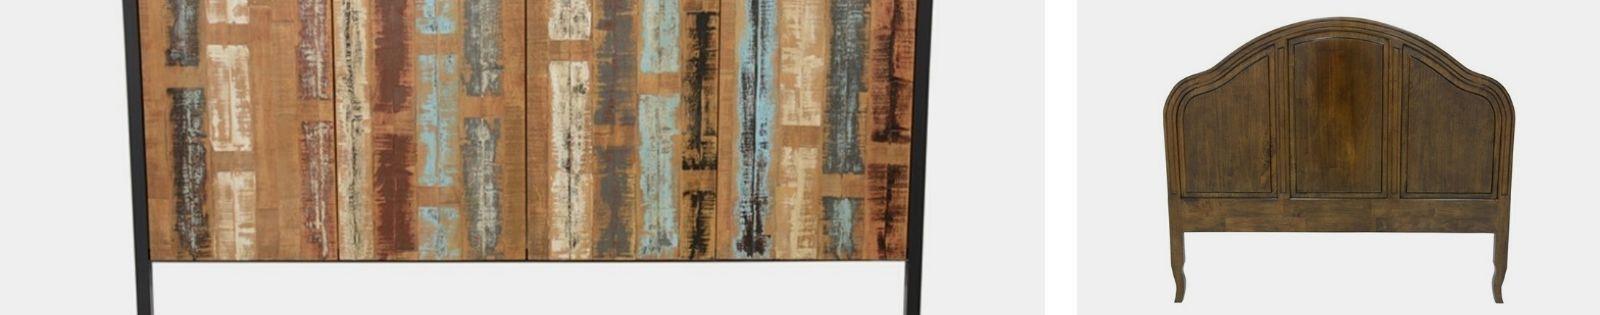 Tête de lits en bois massif de qualité. Meubles haut de gamme.